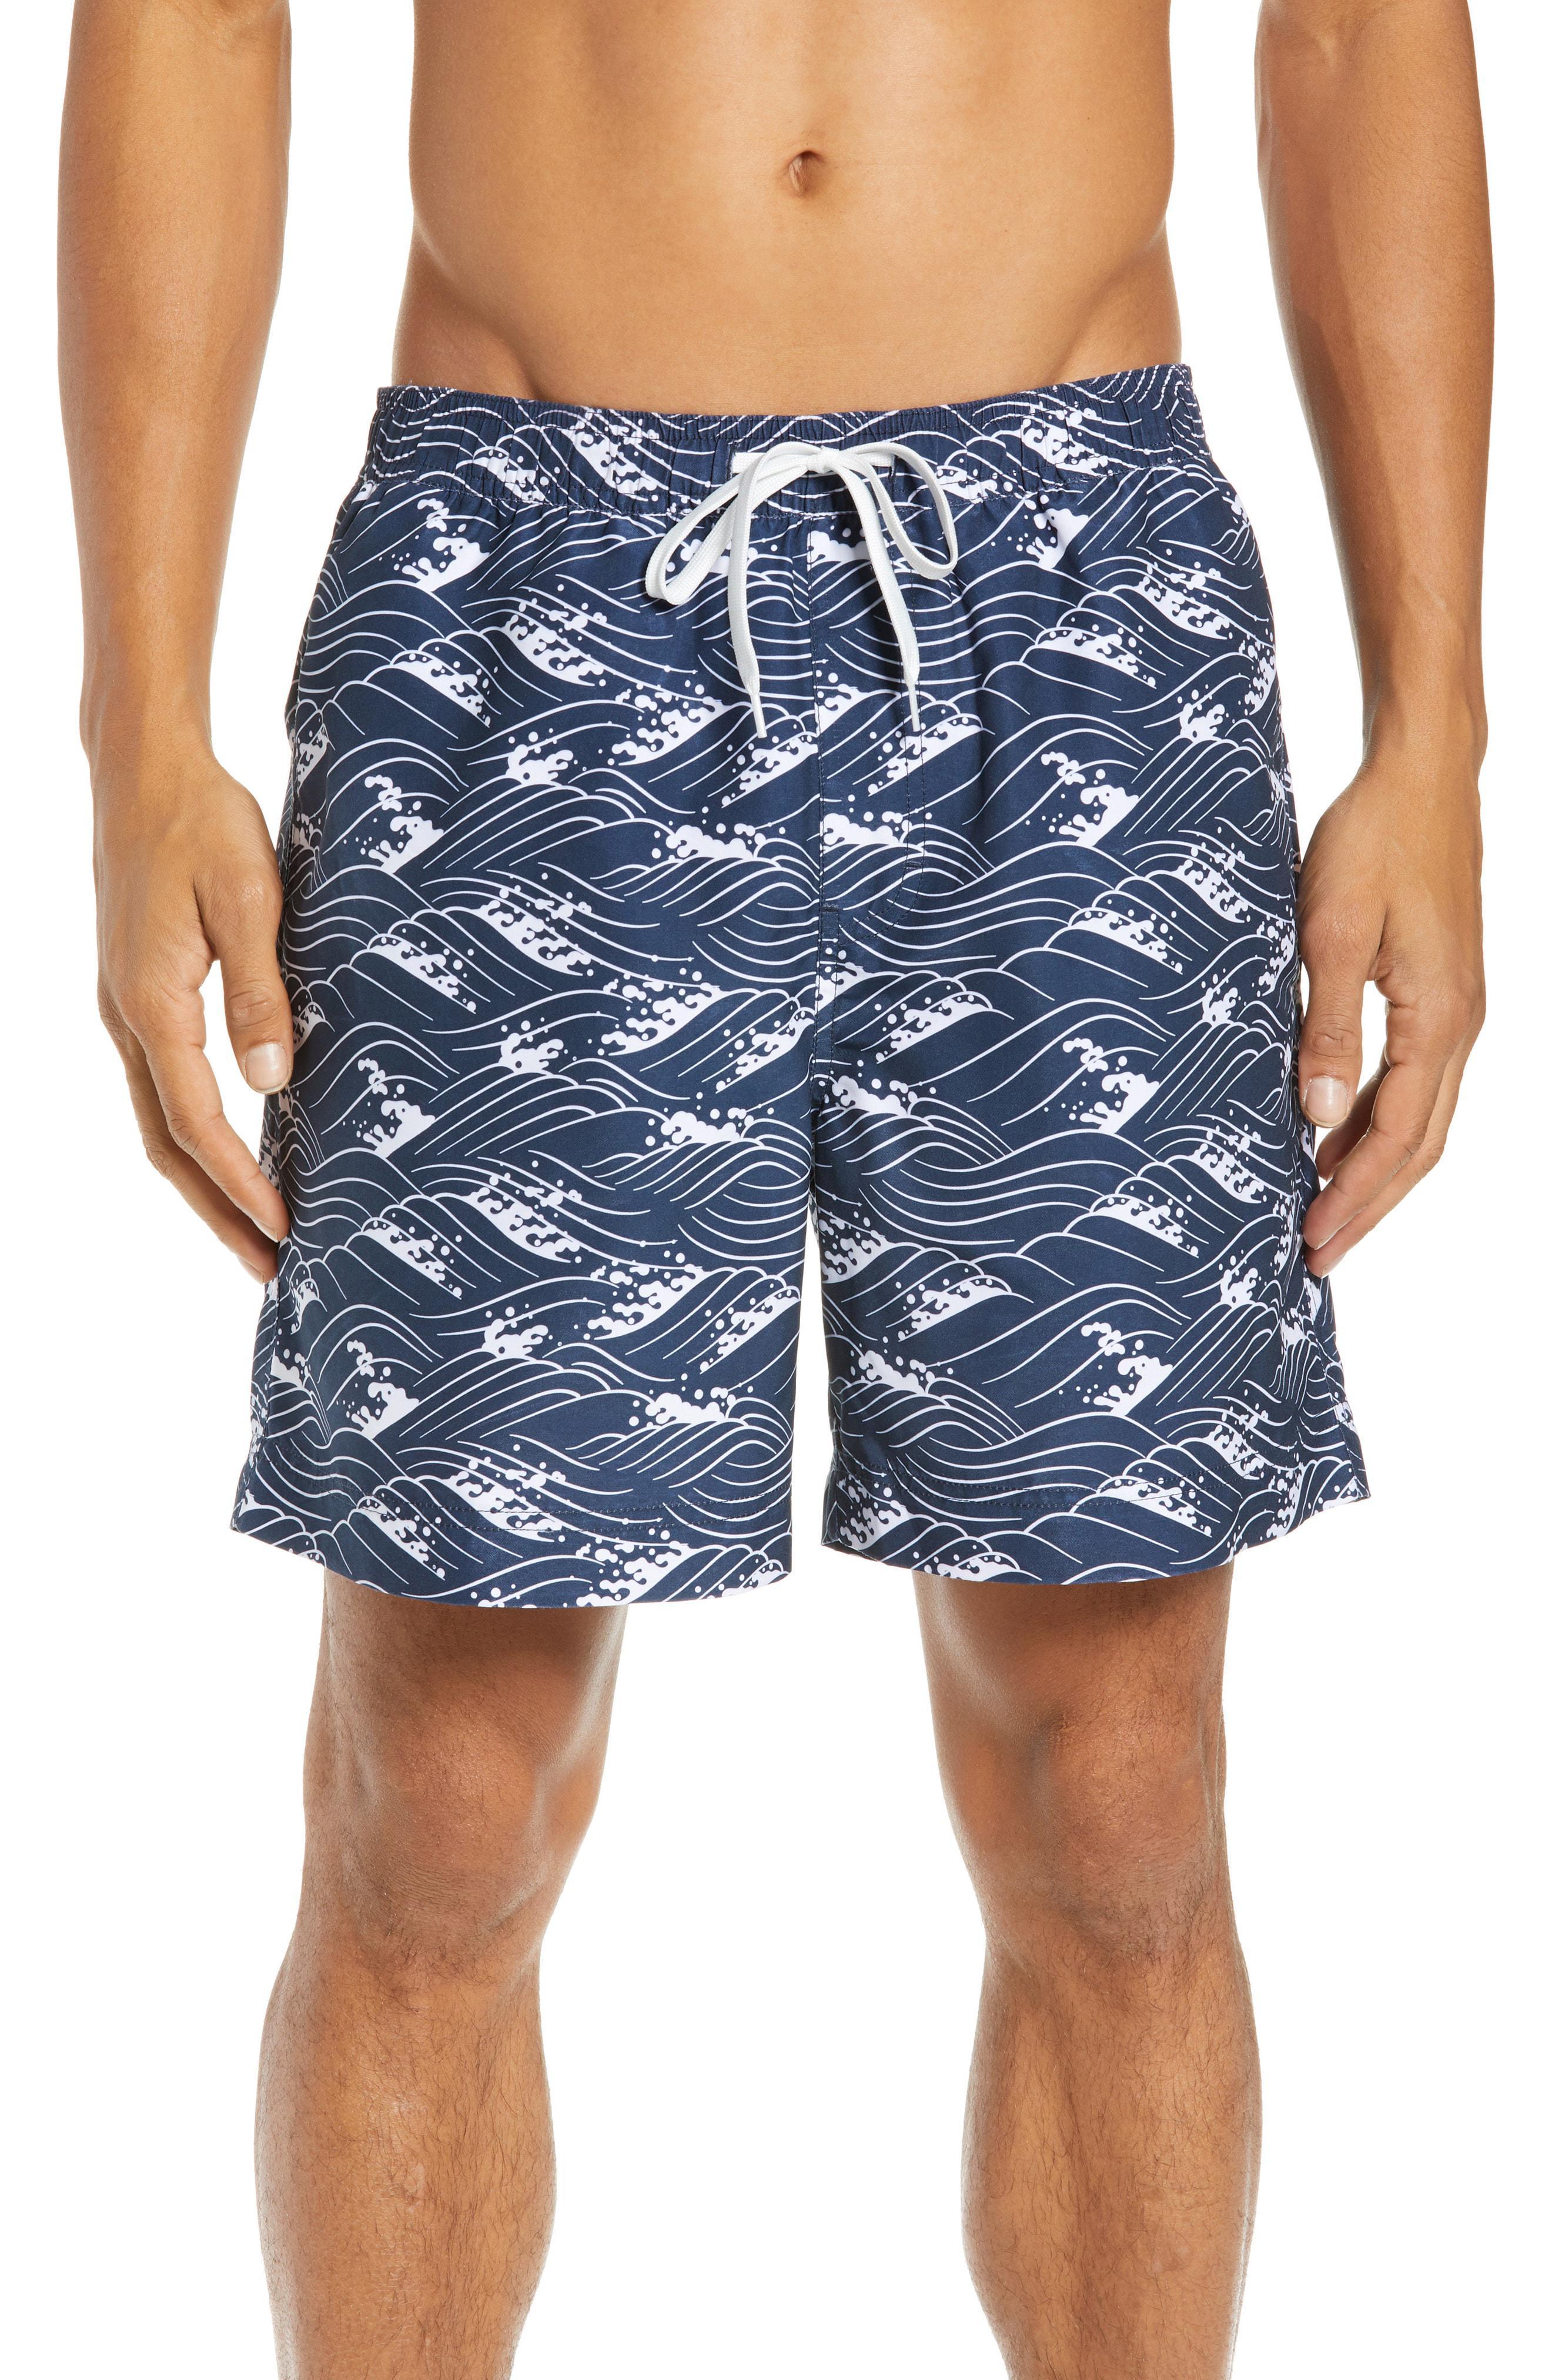 d09b64e6f6682 Lyst - Nordstrom 1901 Swim Trunks in Blue for Men